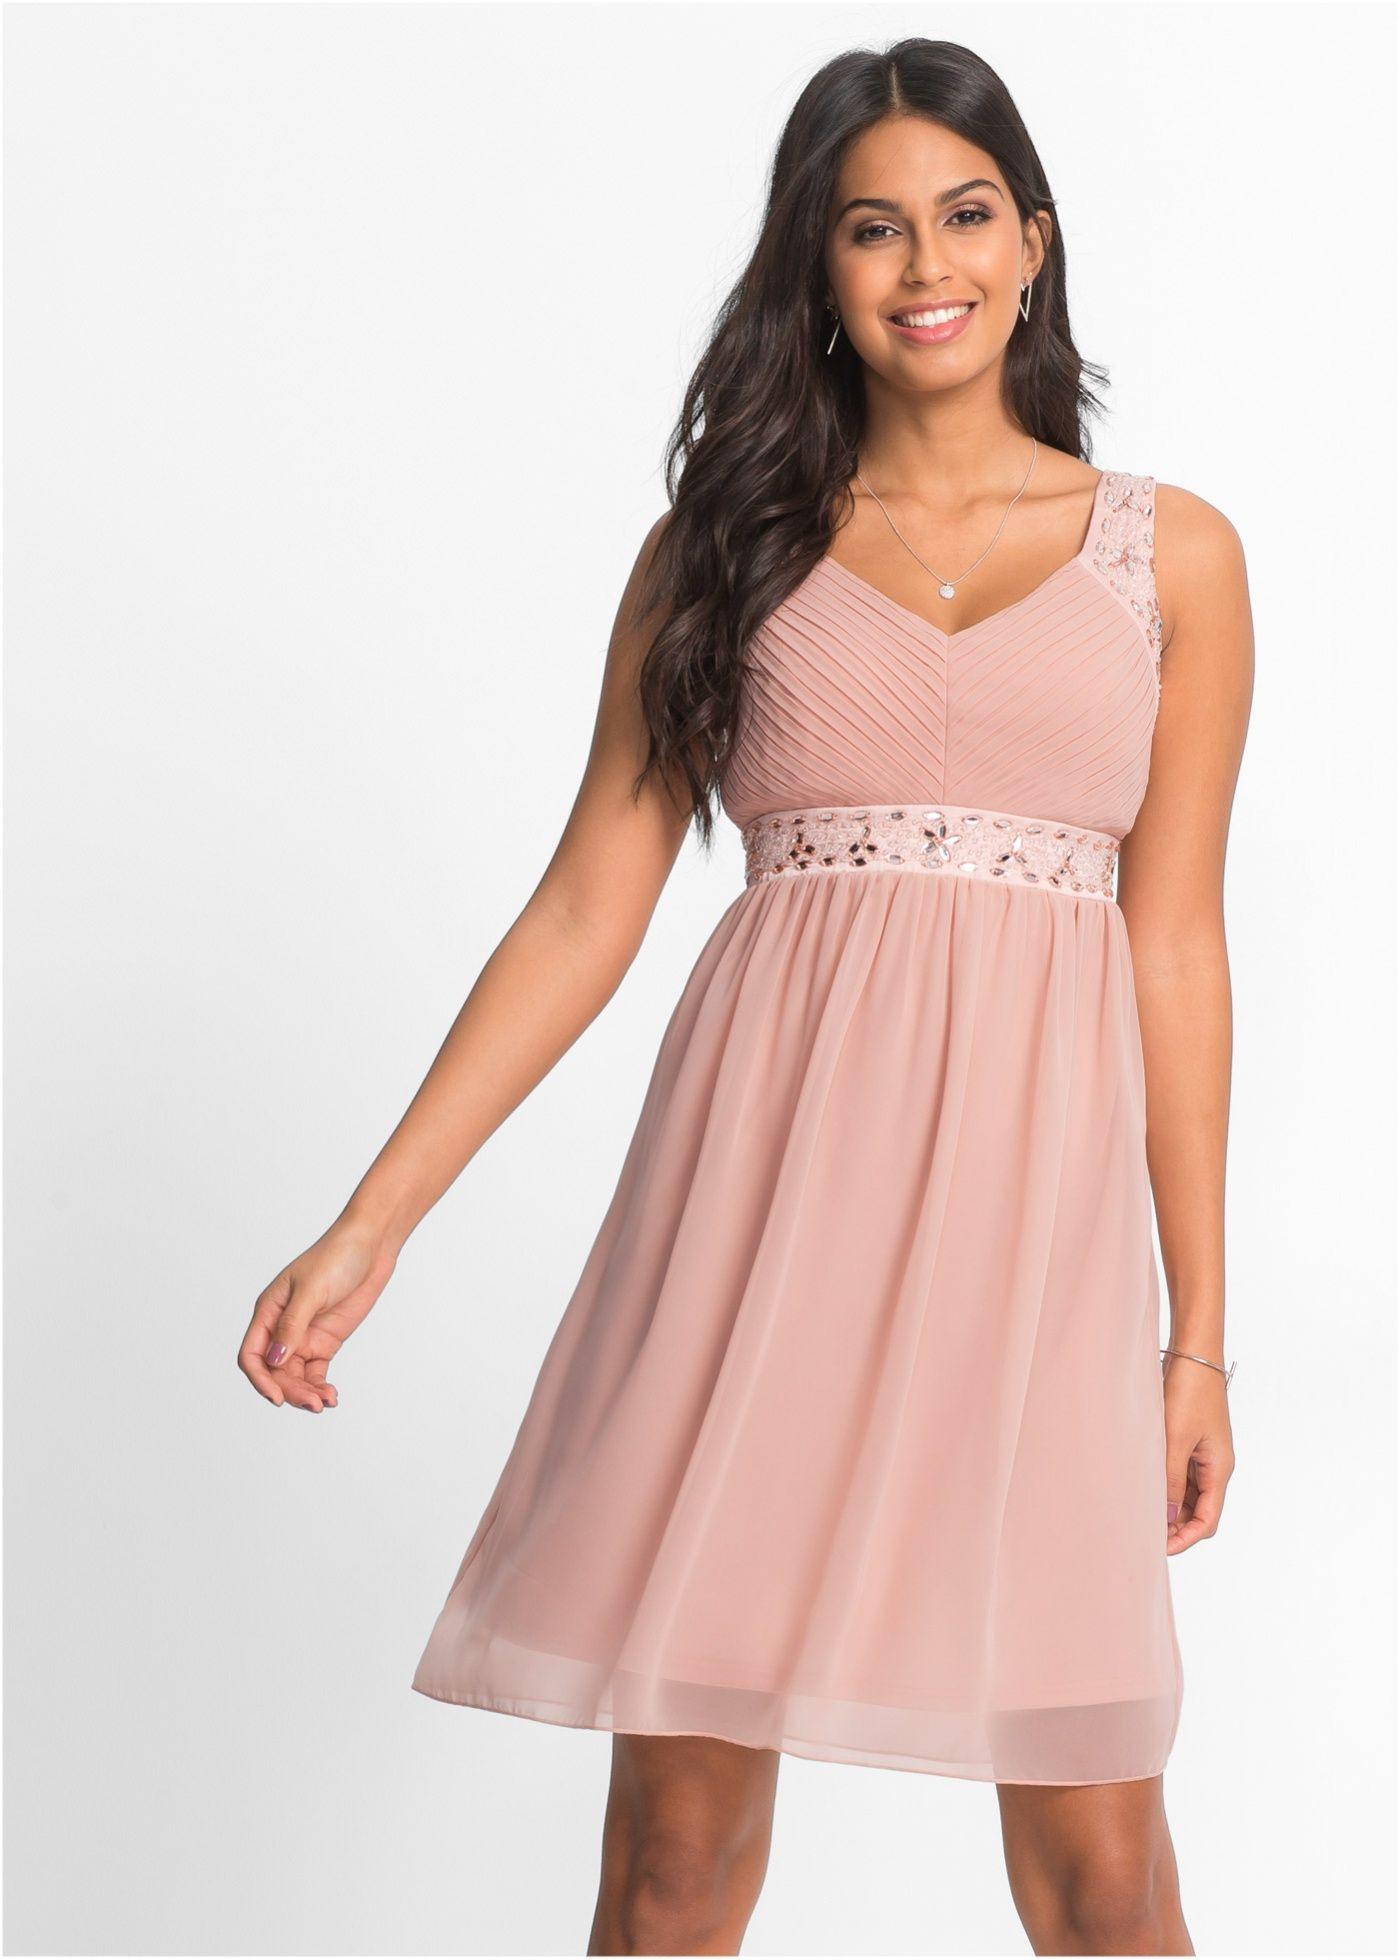 Bonprix Abendkleider Lang Rosa  Schöne Kleider Dieser Saison